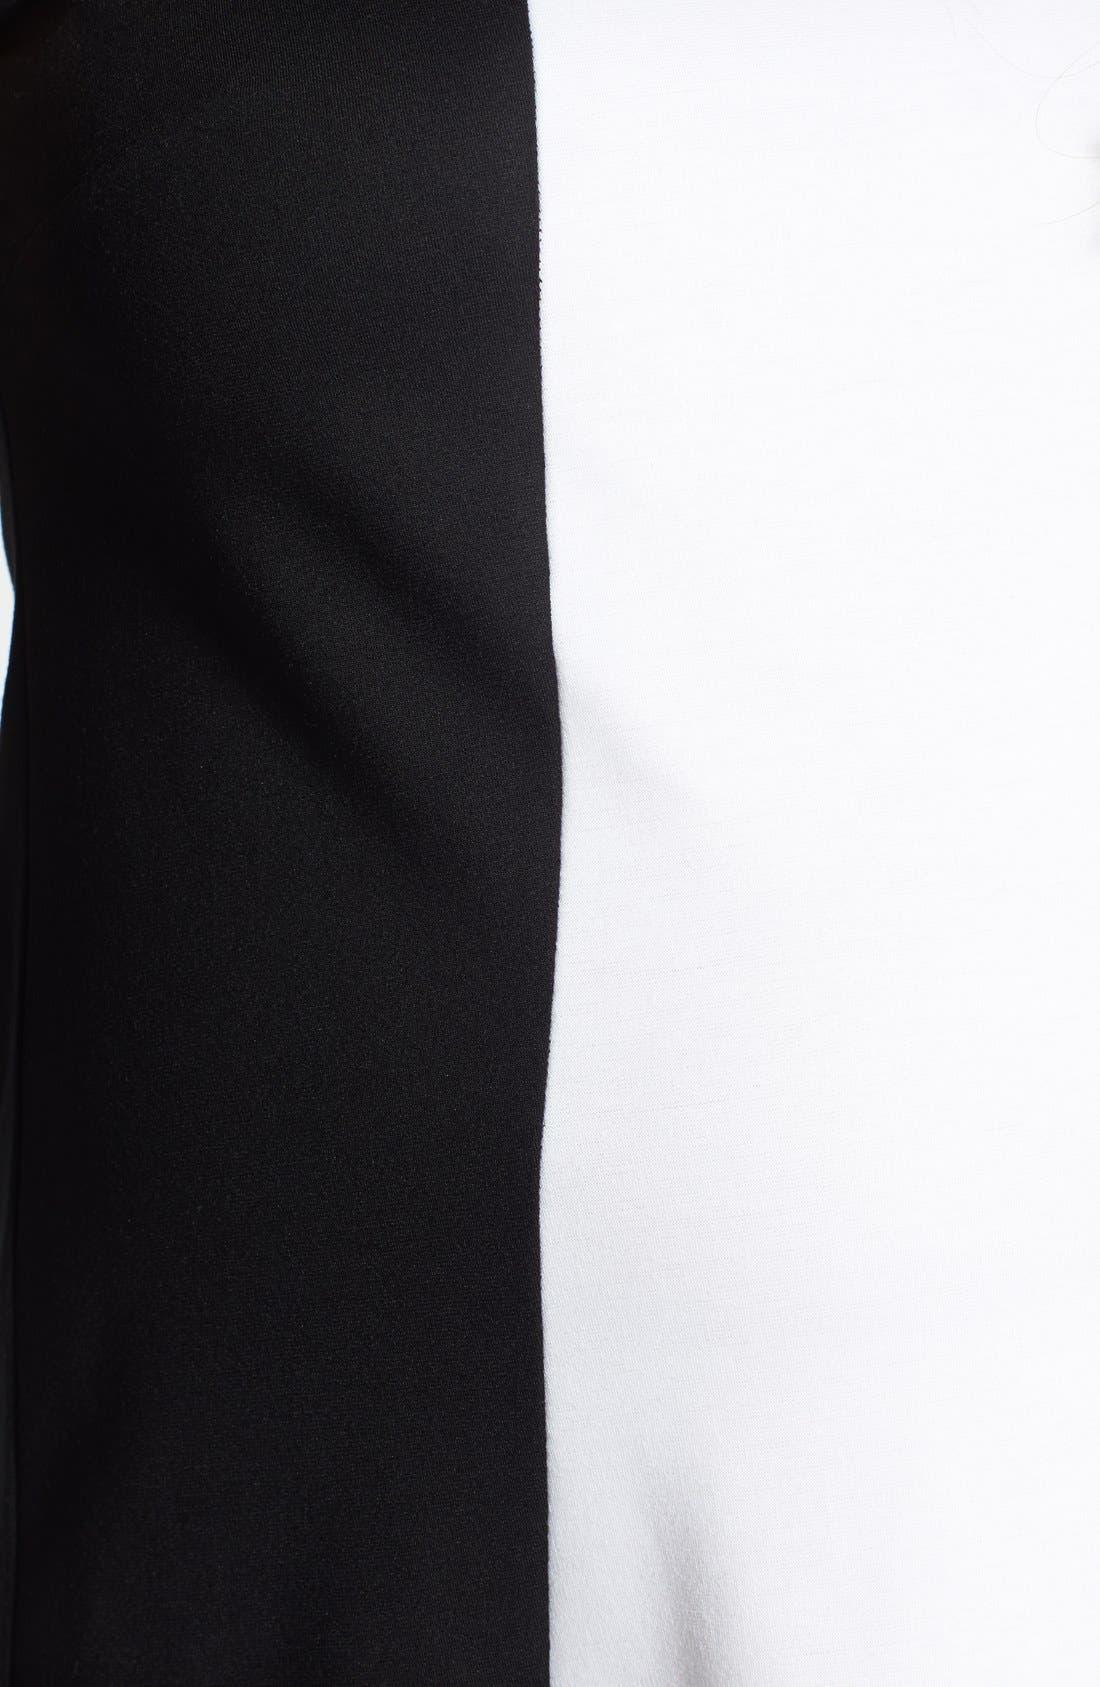 'Pyramid' Maternity Dress,                             Alternate thumbnail 2, color,                             Black/ White